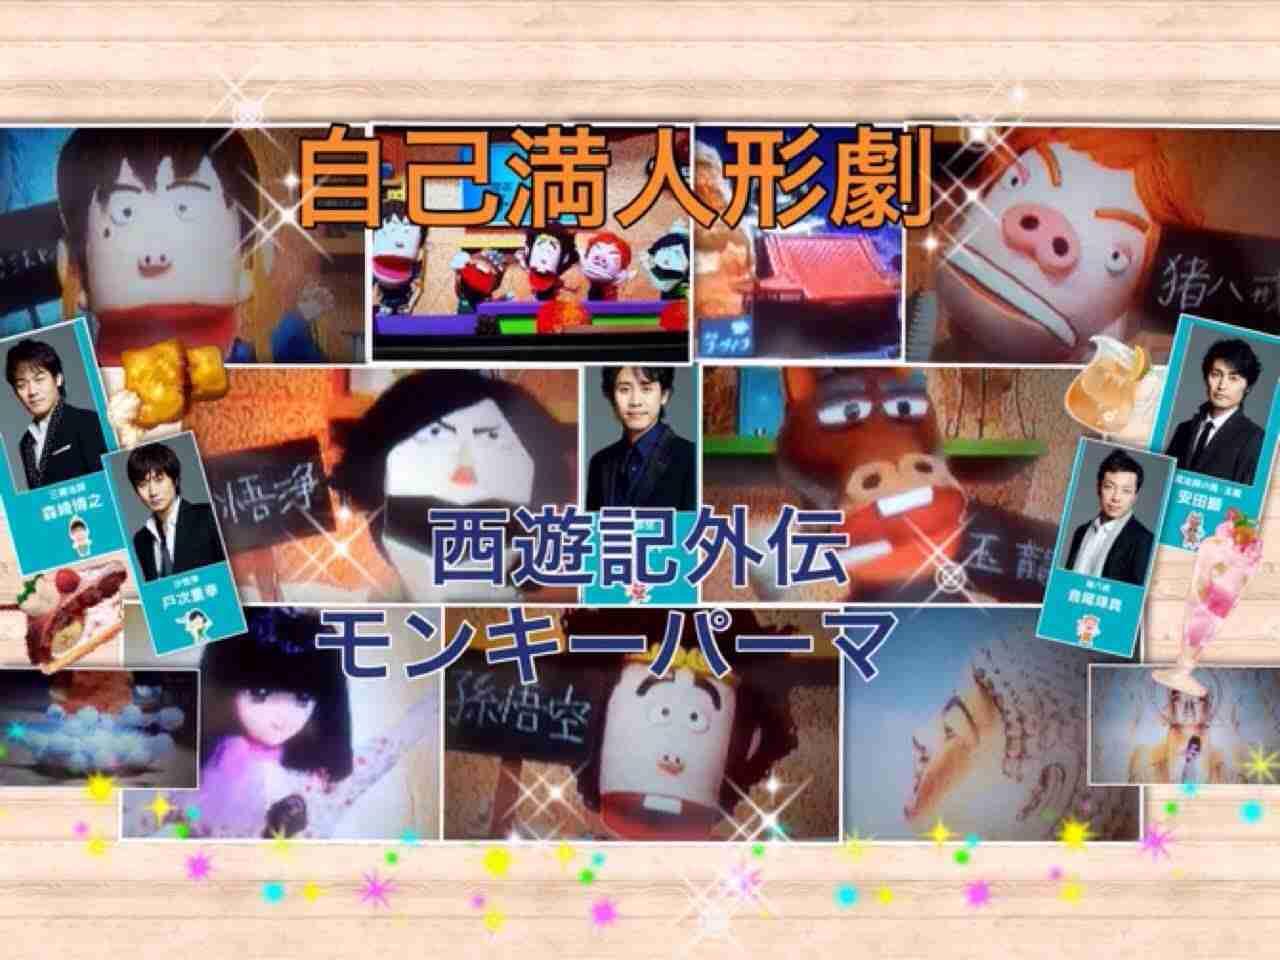 自己満 人形劇 西遊記外伝 大泉洋さんのモンキーパーマ  第12話 OR-029 - YouTube